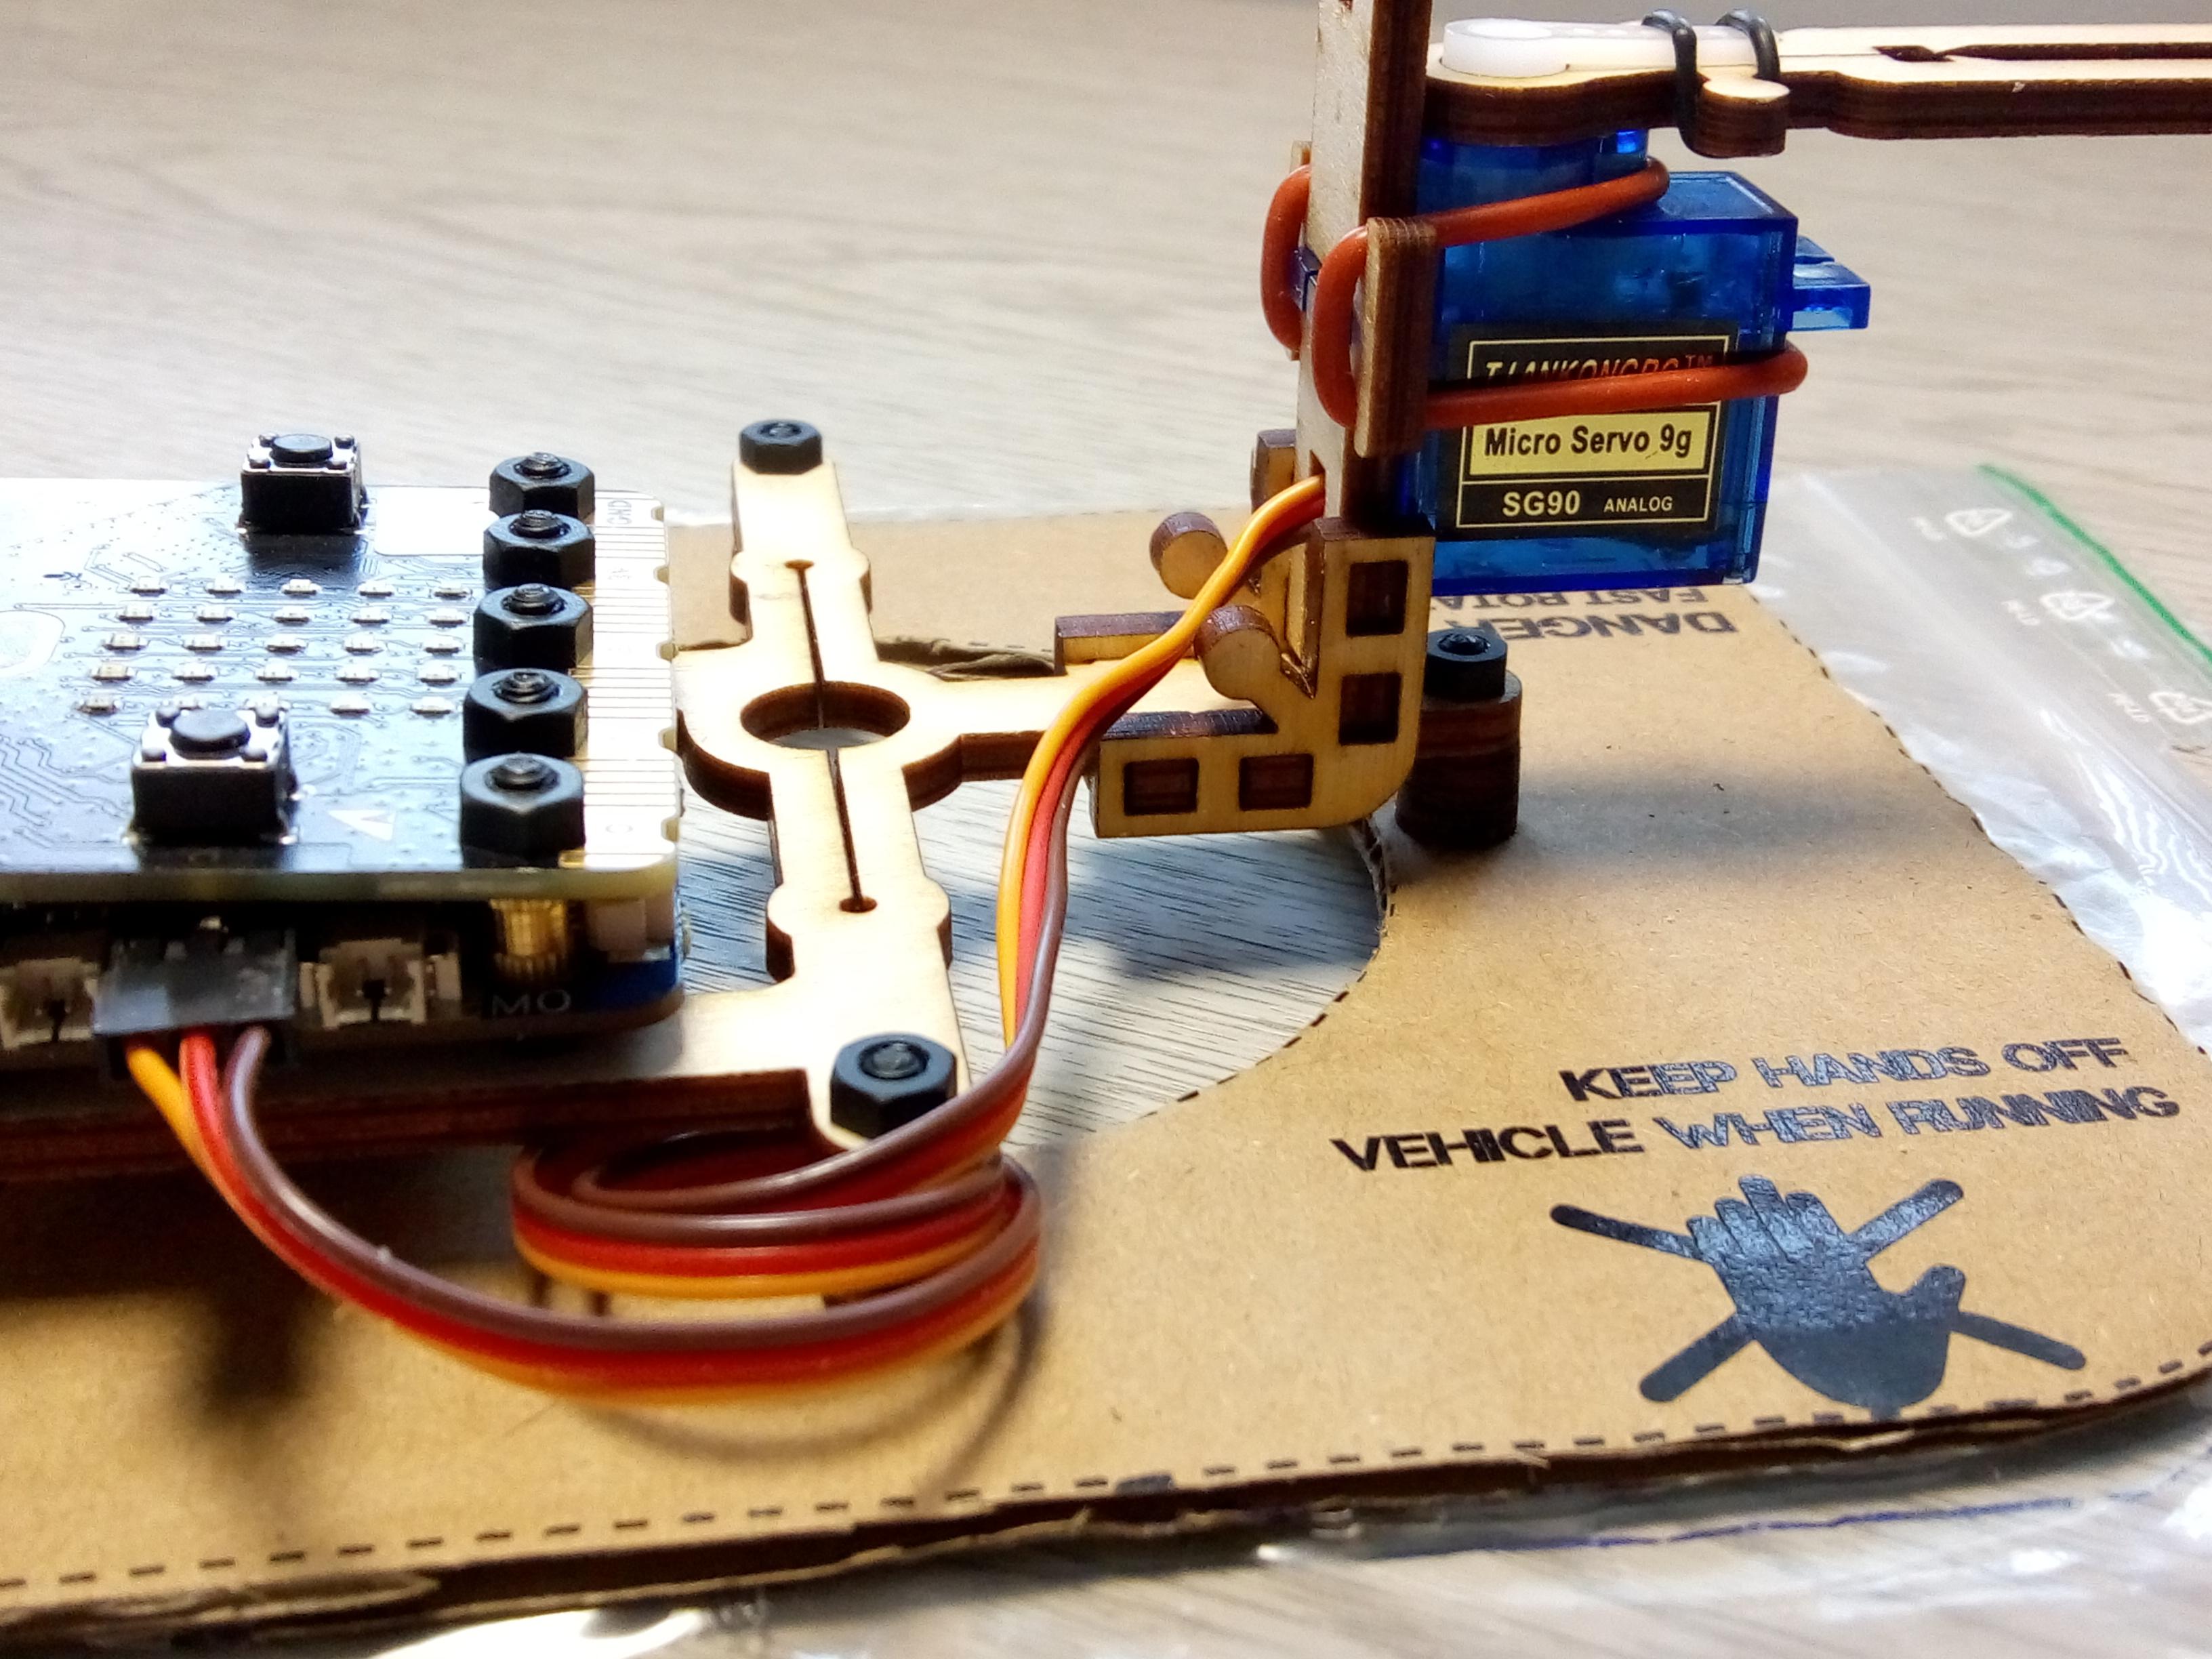 hover:bit rudder assembly